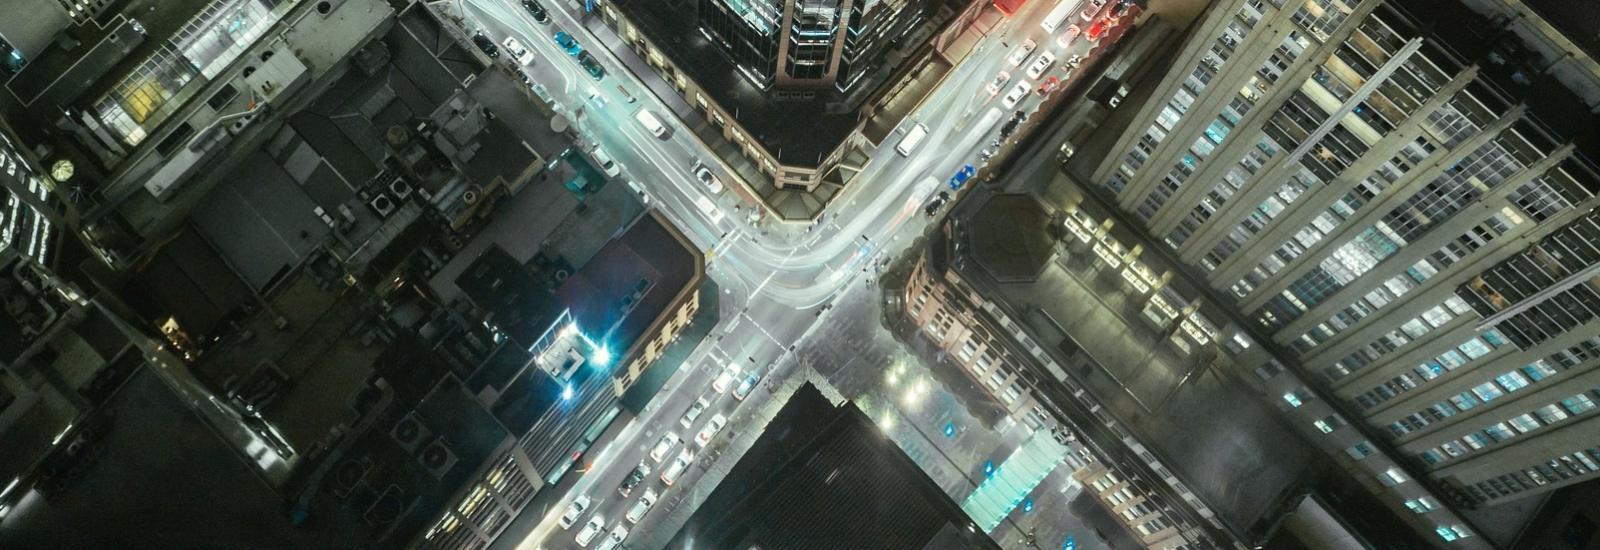 Uber, uberisation, travail, flexibilité, indépendance, technologies, révolution